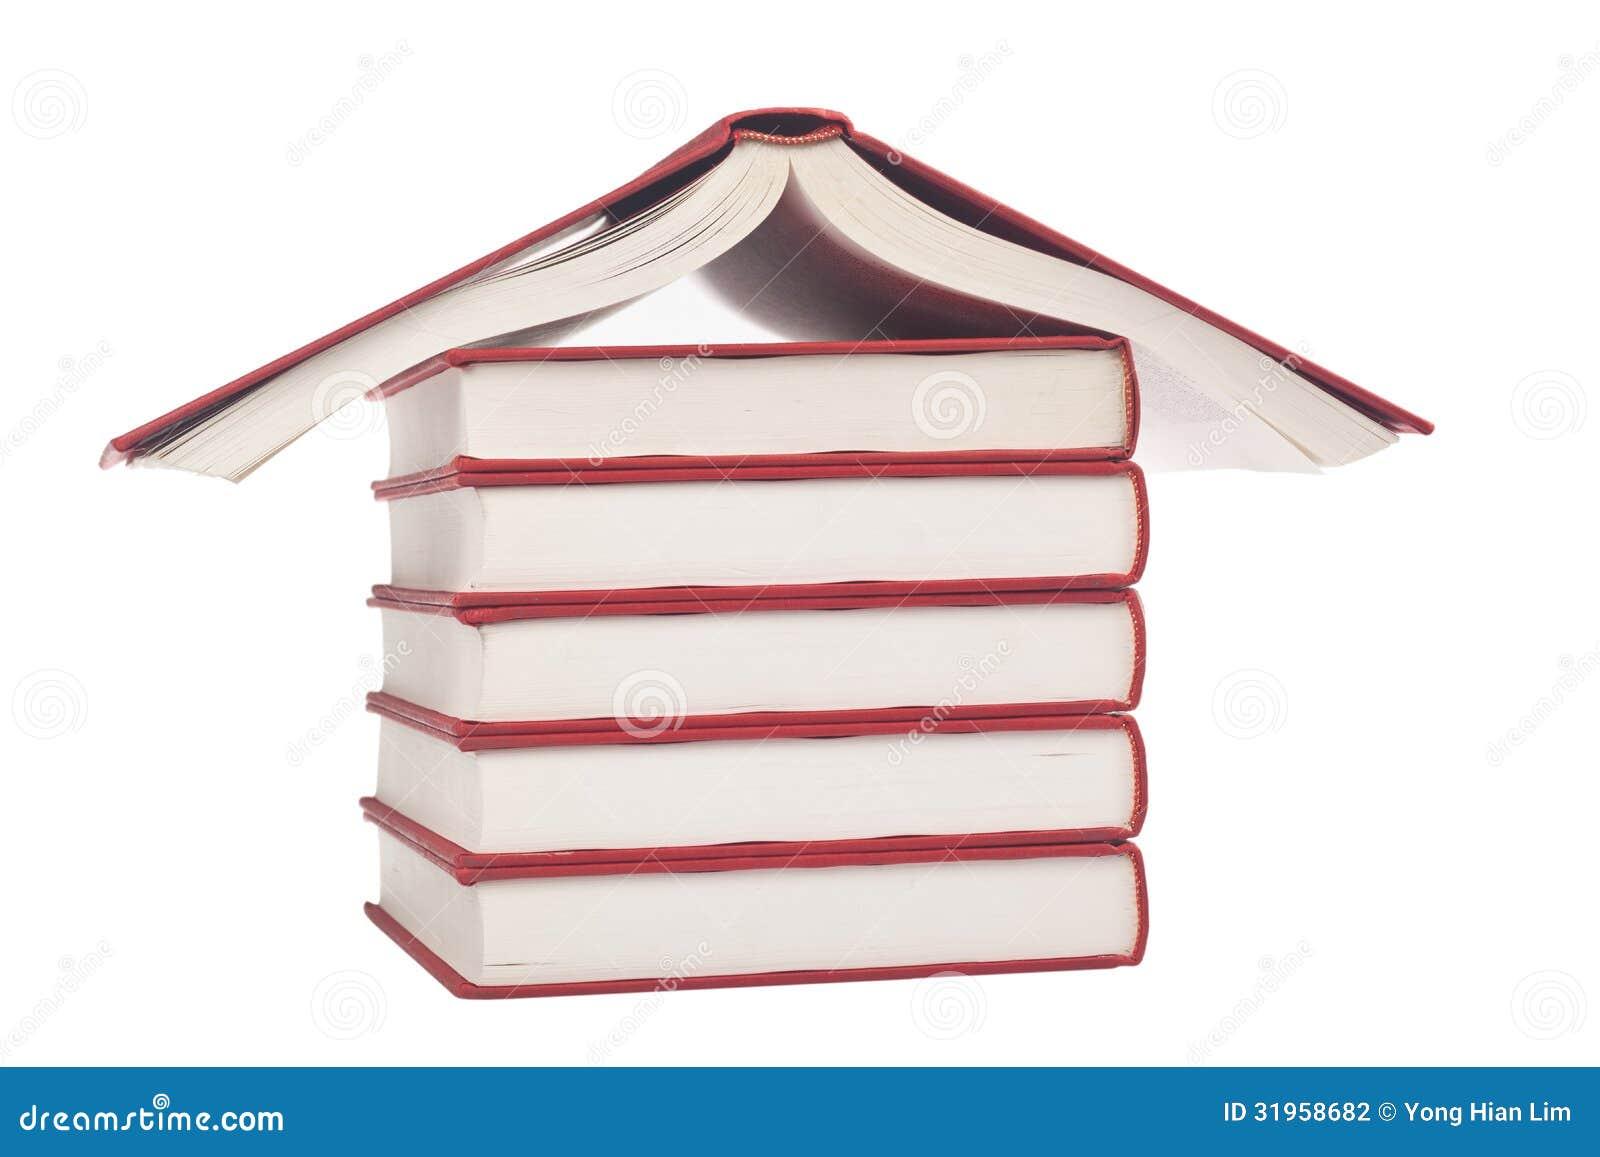 Books shaped like a house stock photography image 31958682 for Business cards shaped like a house